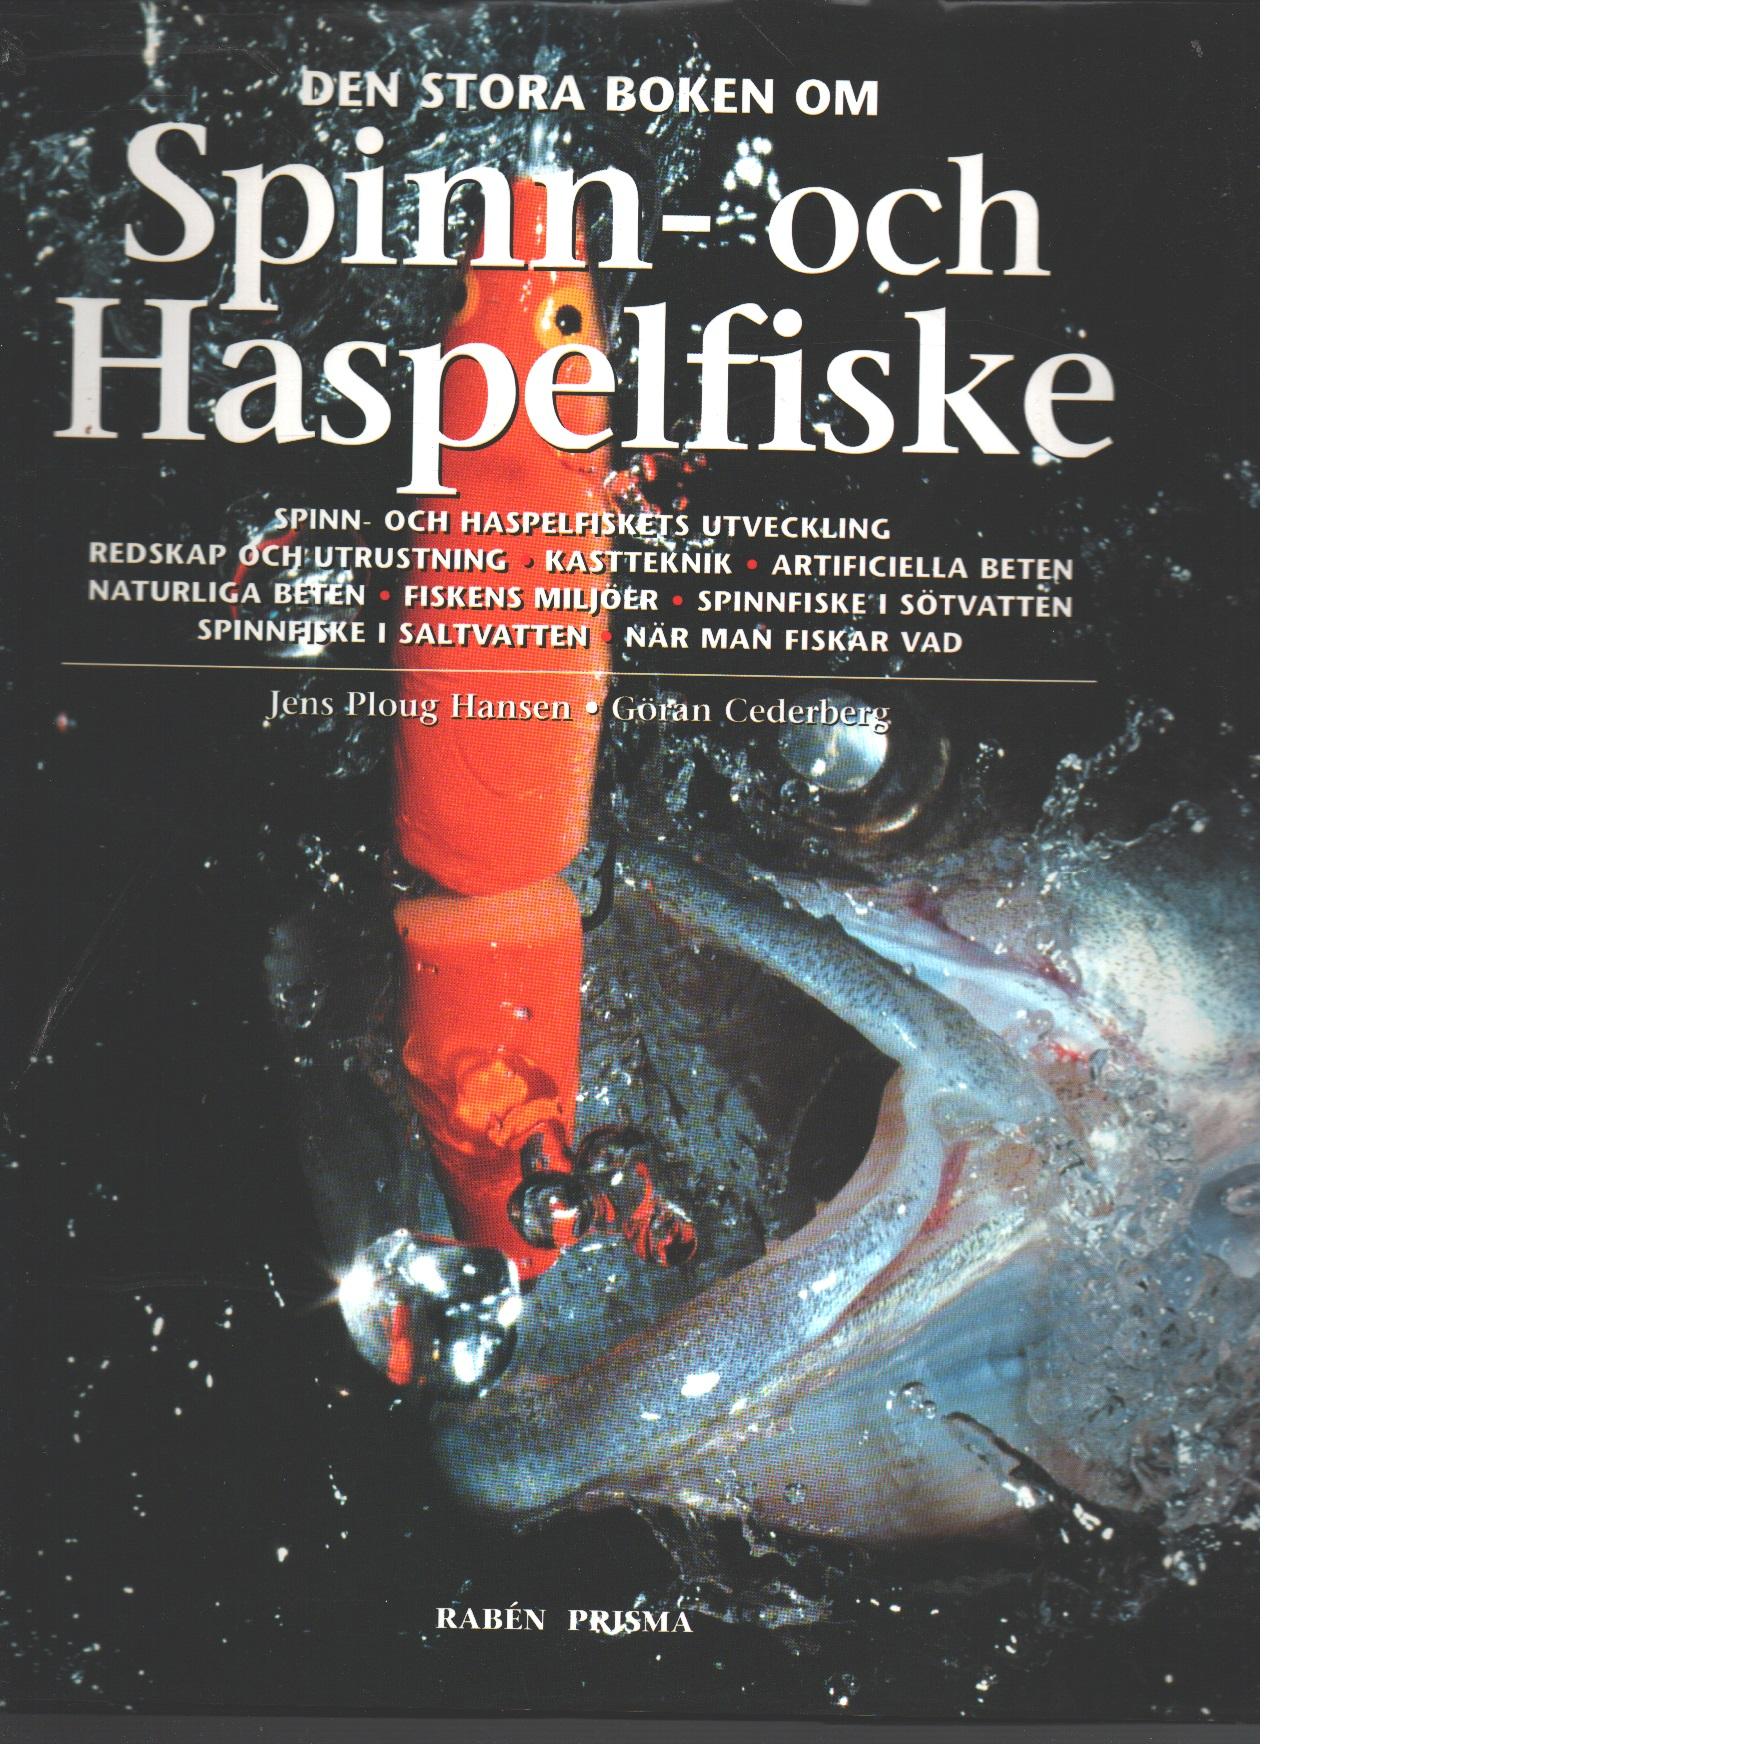 Den stora boken om spinn- och haspelfiske - Ploug Hansen, Jens och Cederberg, Göran